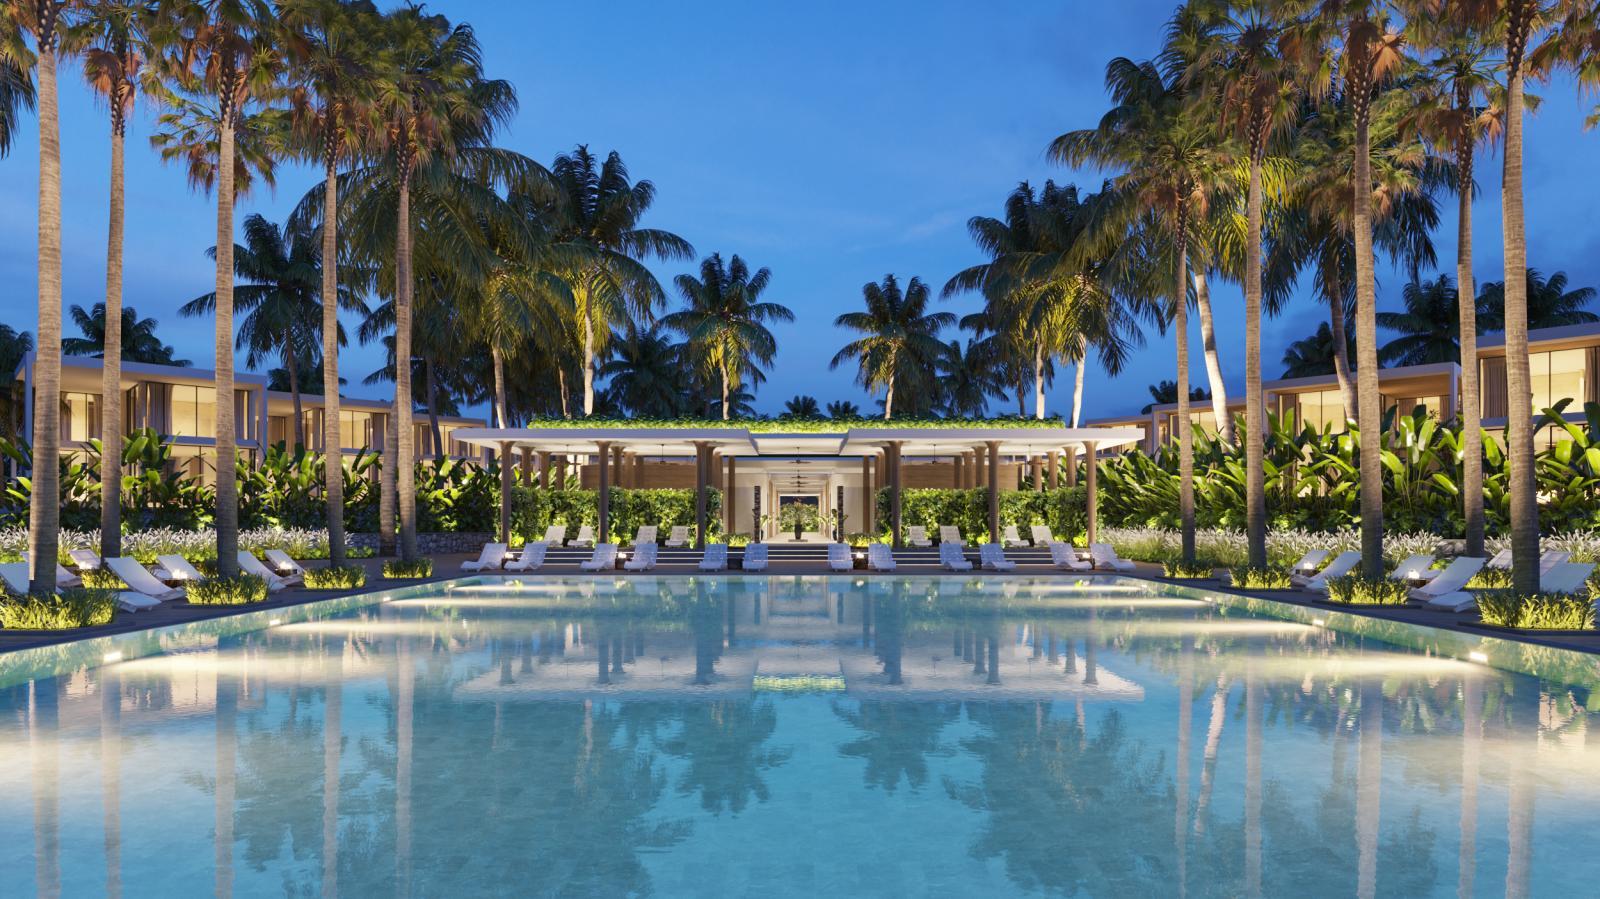 Dự án bất động sản nghỉ dưỡng có hồ bơi trong xanh, nhiều cây xung quanh